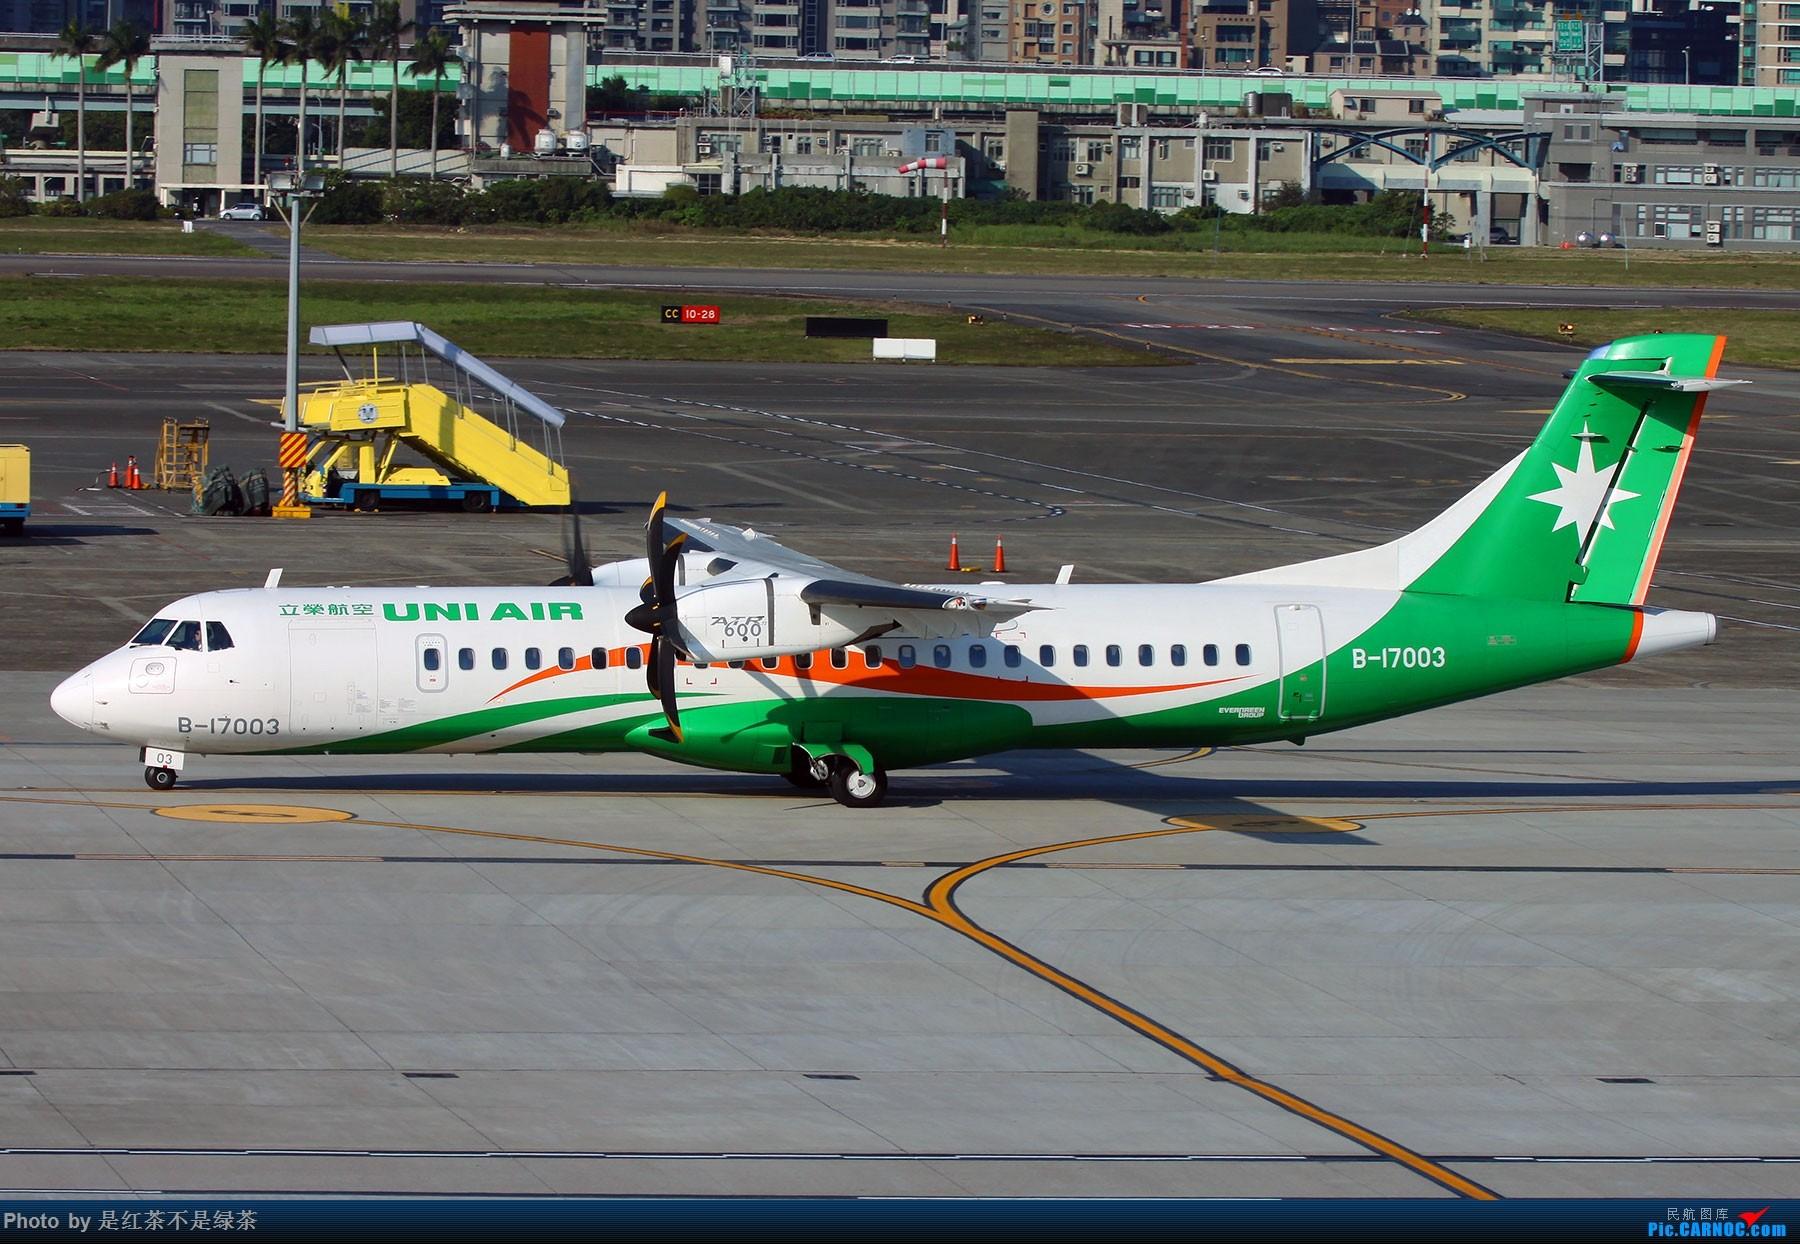 Re:[原创]【红茶拍机】第一次走进宝岛,利用一小时的空闲时间拍了几架大陆不太容易见到的家伙。 ATR-72 B-17003 中国台北松山国际机场